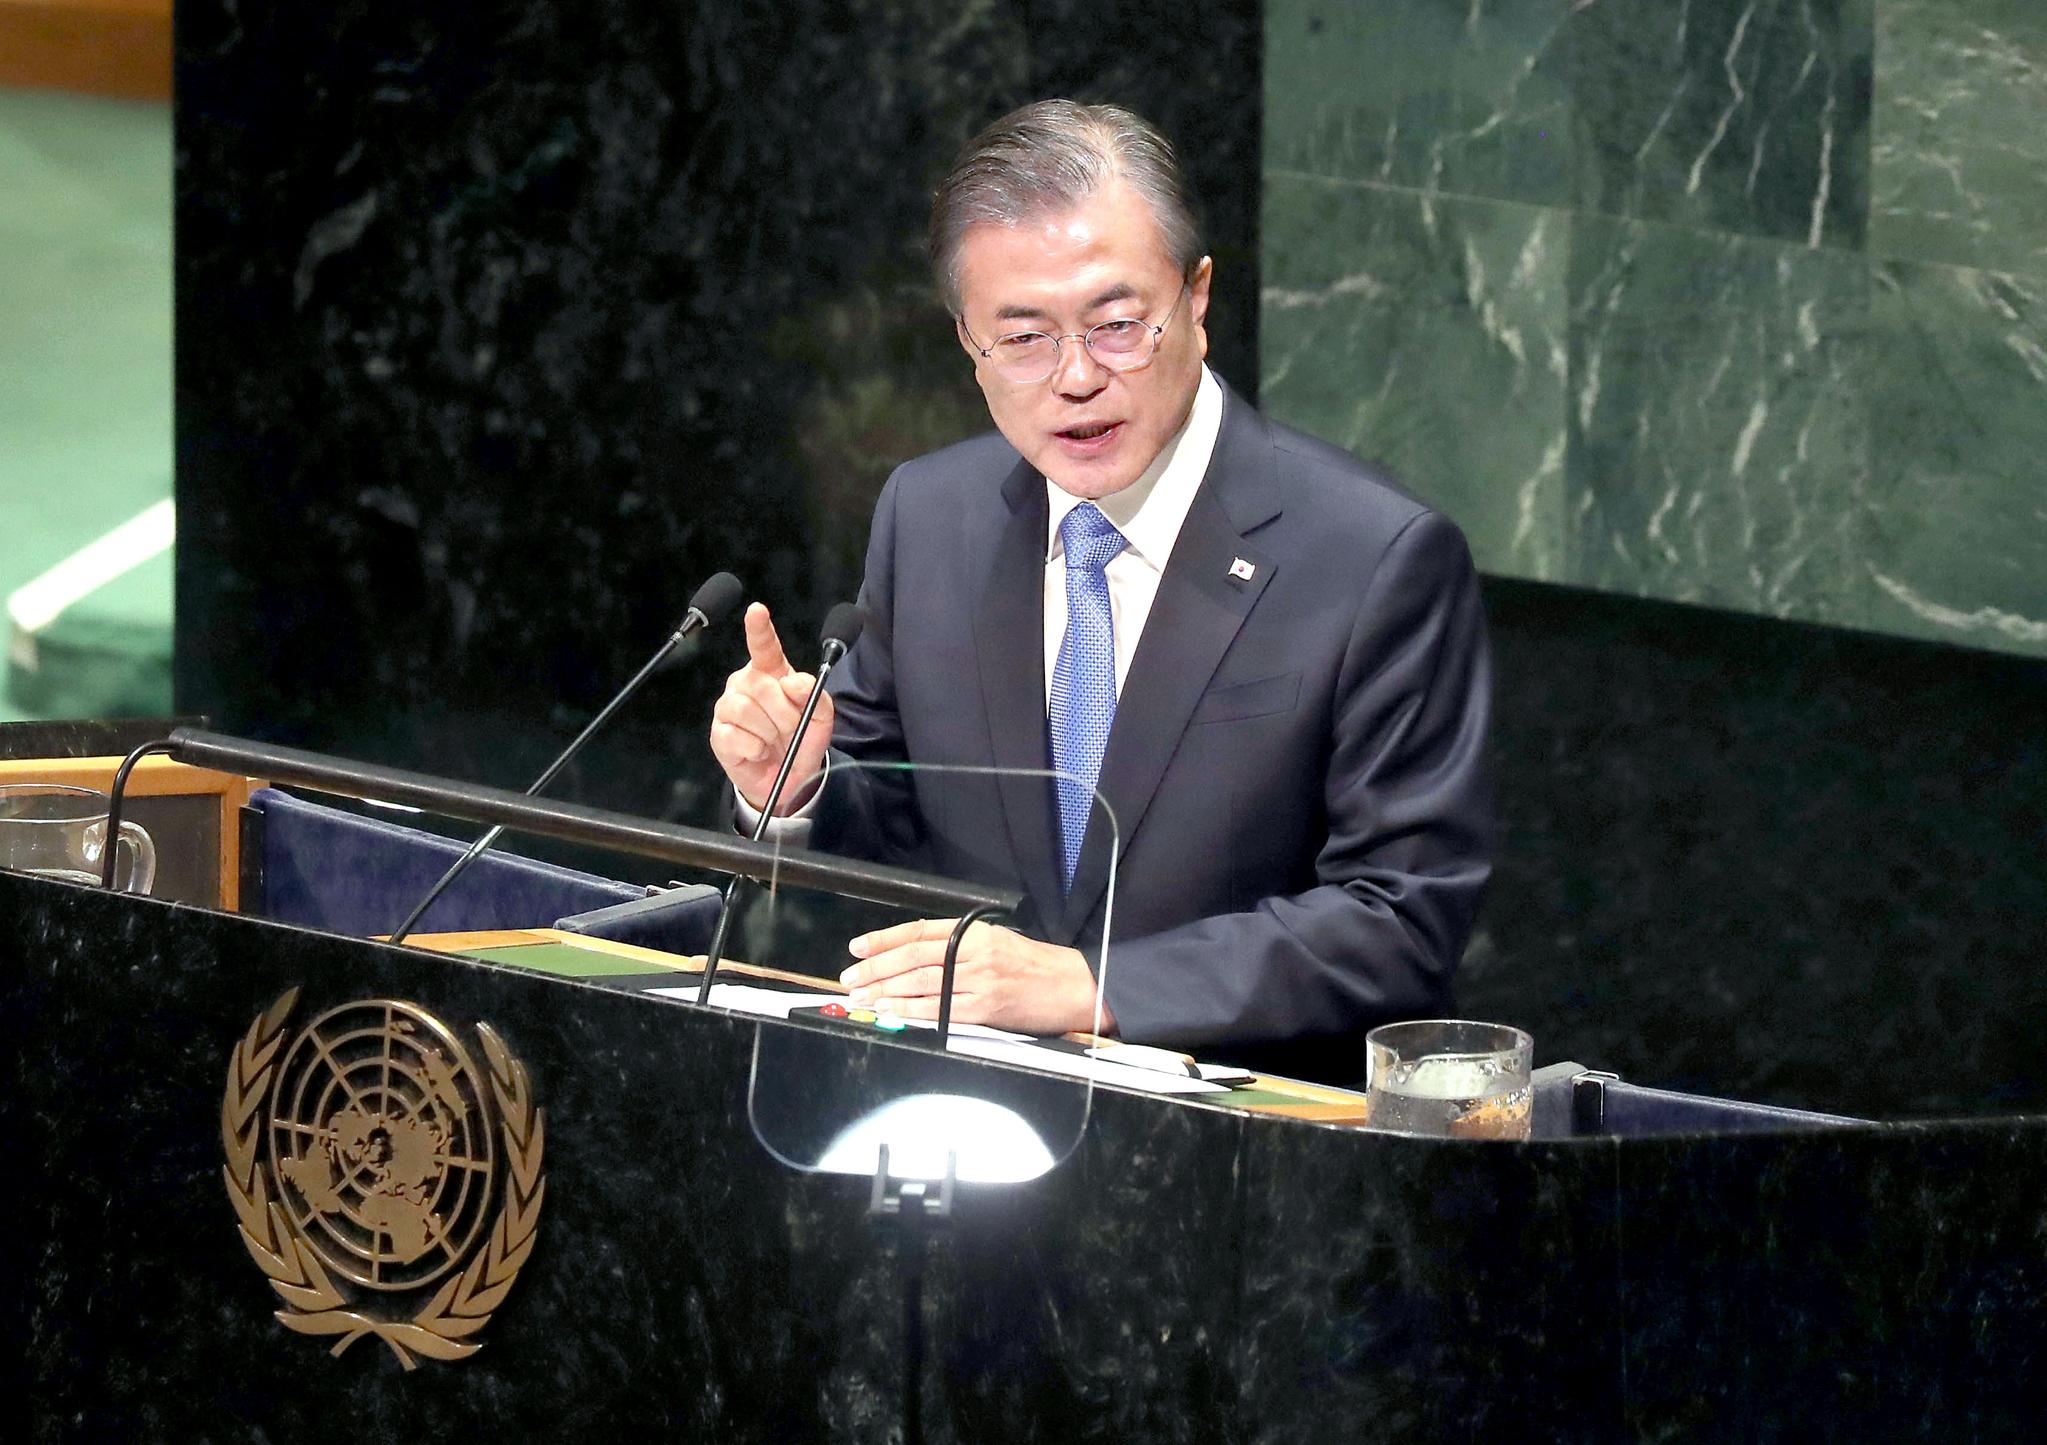 문재인 대통령이 지난 9월 24일 미국 뉴욕에서 열린 74차 유엔총회에서 기조연설을 하고 있다. [청와대사진기자단]